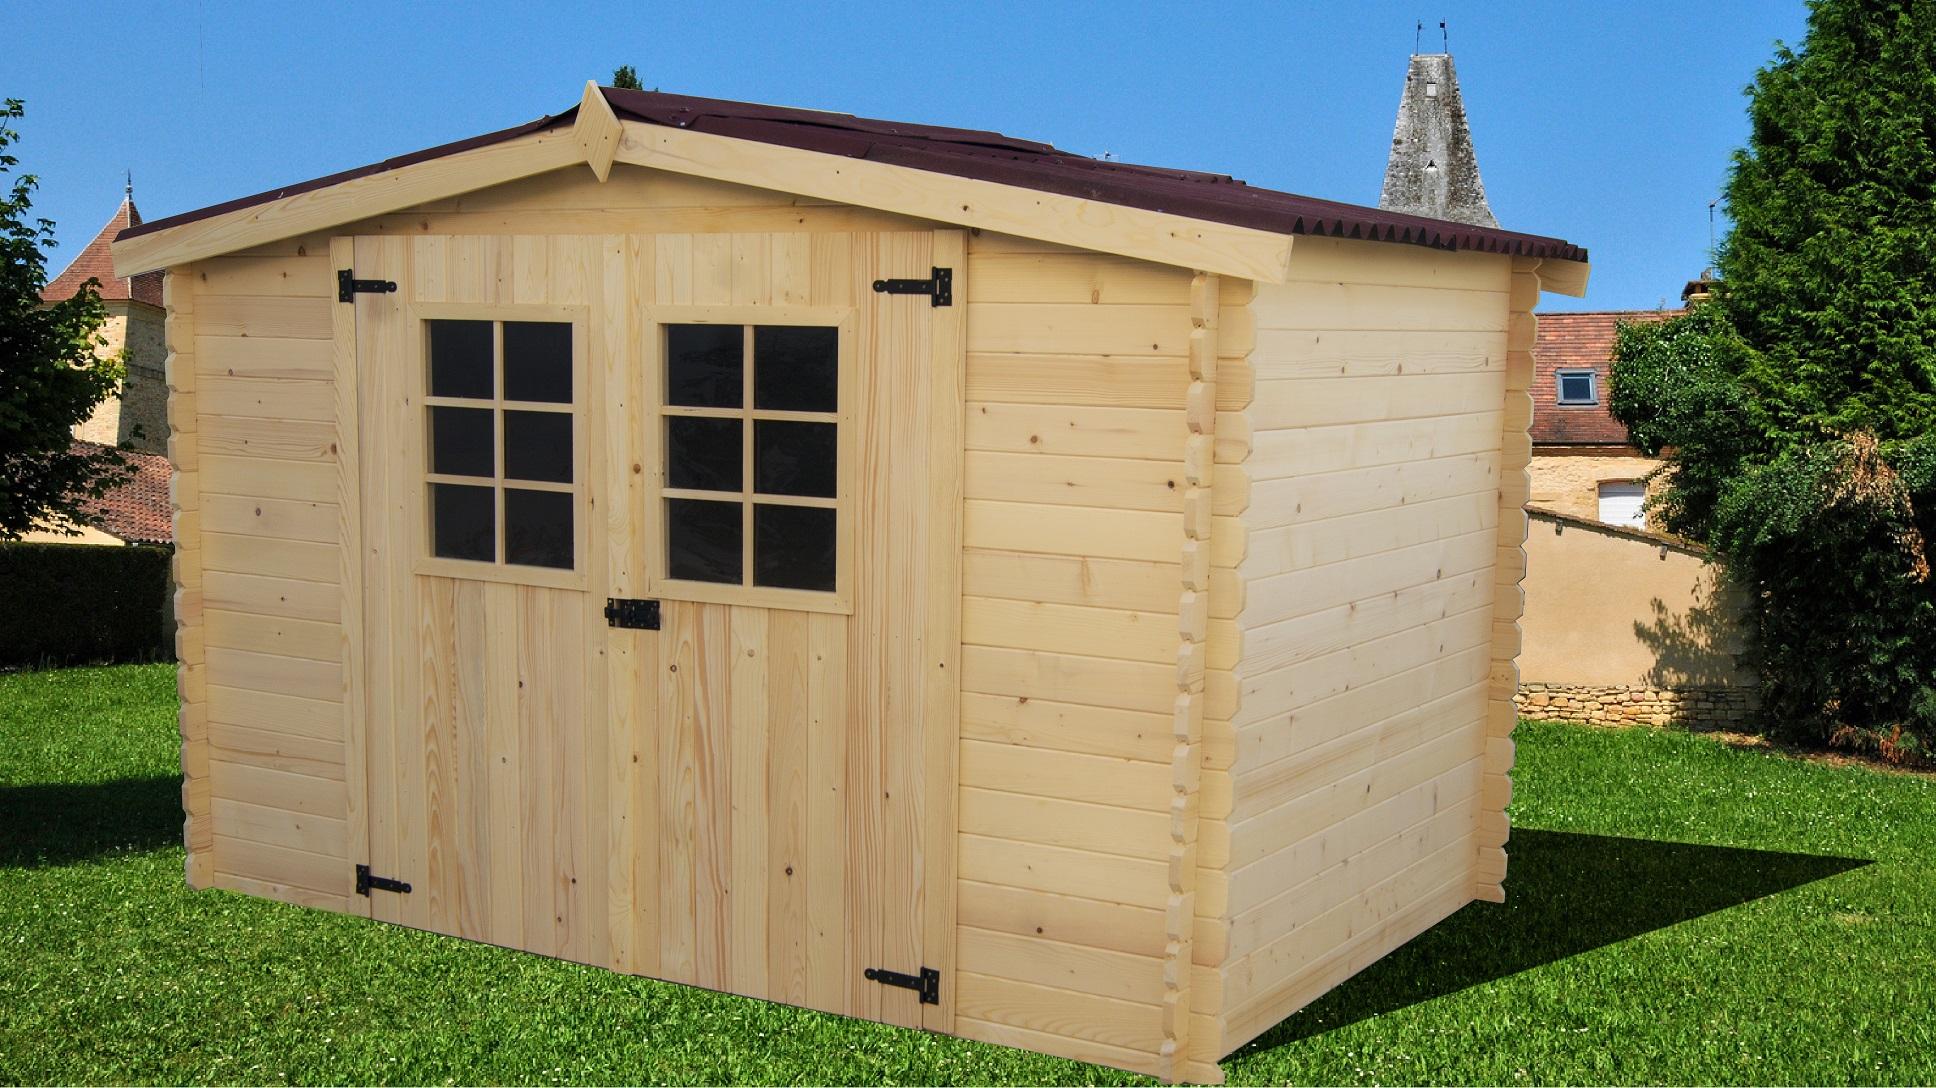 Abri De Jardin Bois Toit Plat Atelier 12,46 M² Ep. 28 Mm ... intérieur Abri De Jardin 4X3M En Bois Douglas Ontario